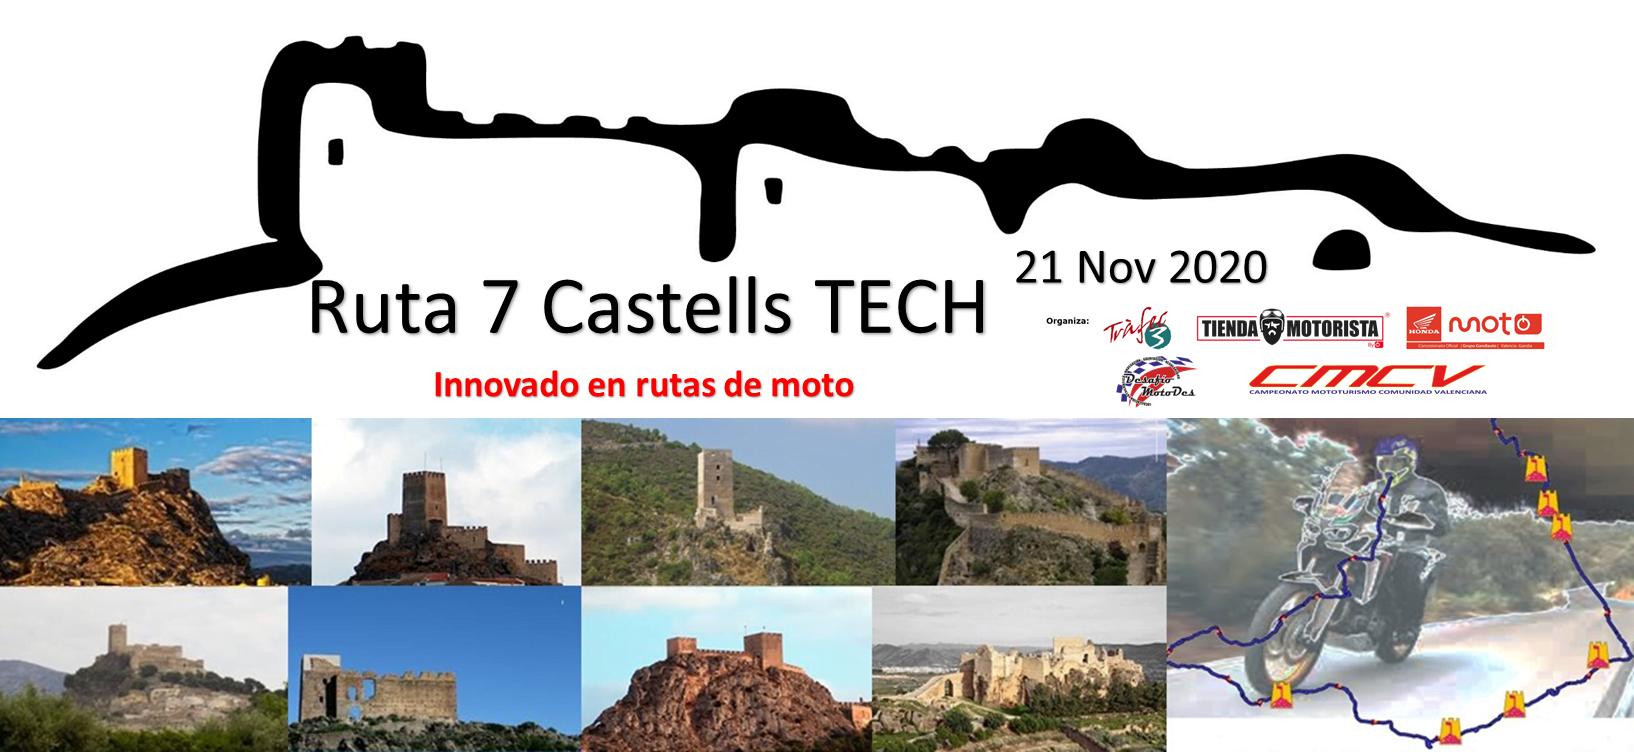 RUTA 7 CASTELLS TECH 21 de noviembre